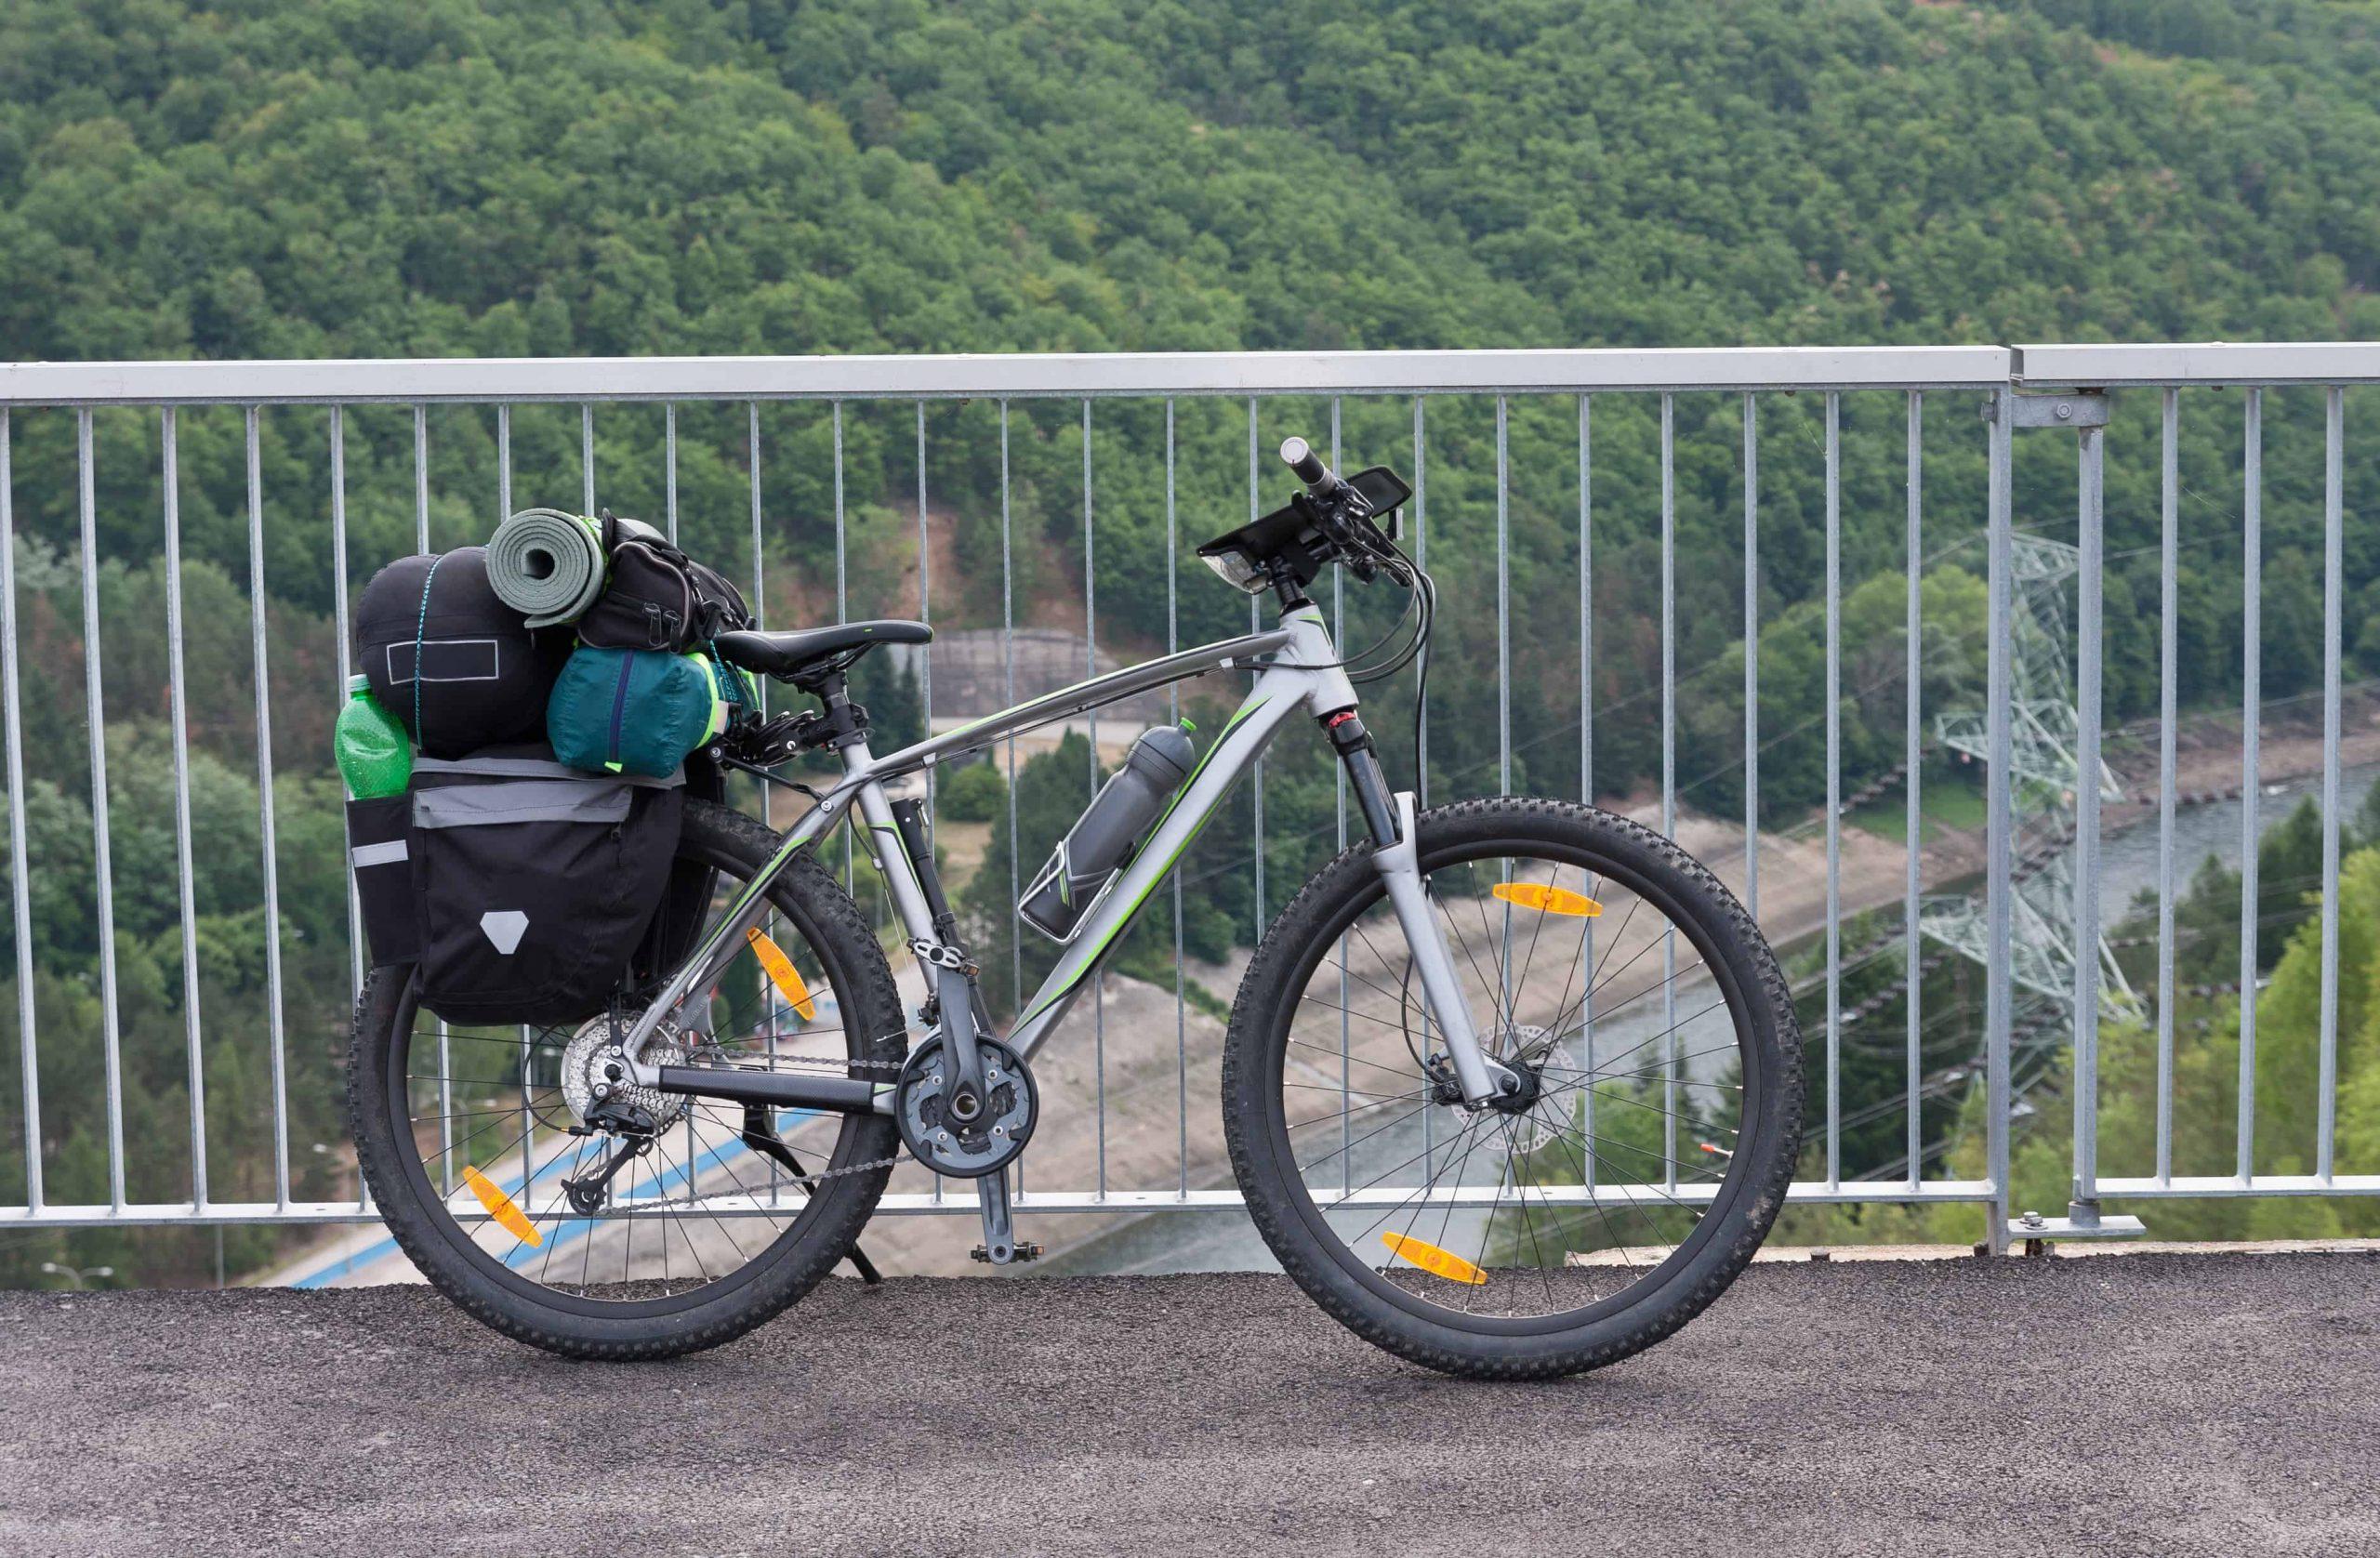 Alforjas para bicicleta: ¿Cuál es la mejor del 2020?